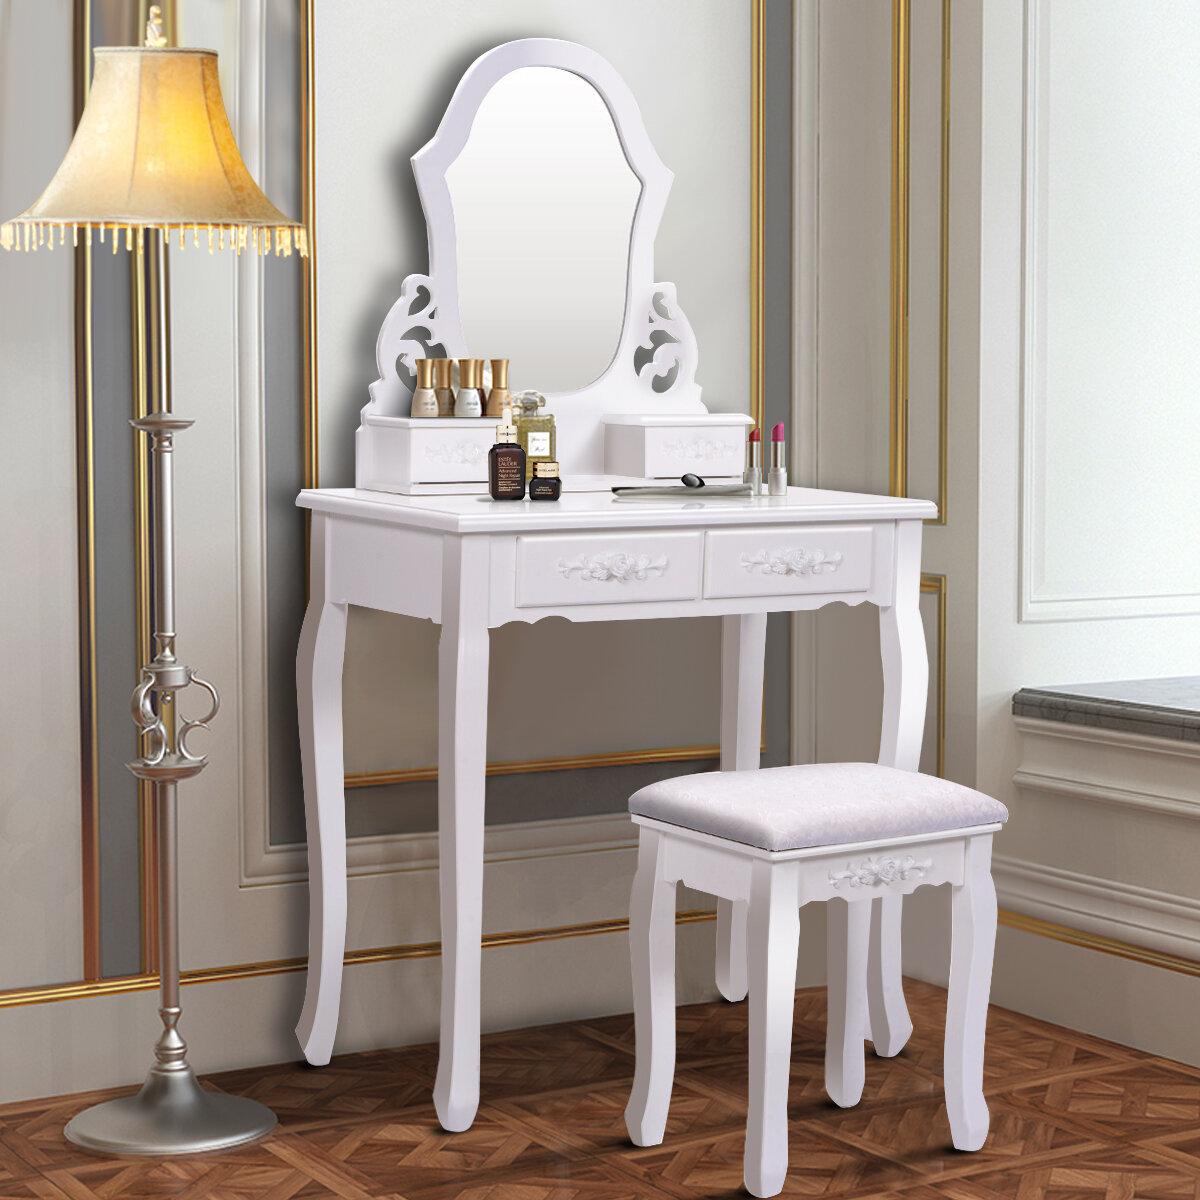 . Costway White Vanity Jewellery Wooden Makeup Dressing Table Set bathroom  W Stool Mirror   4 Drawer